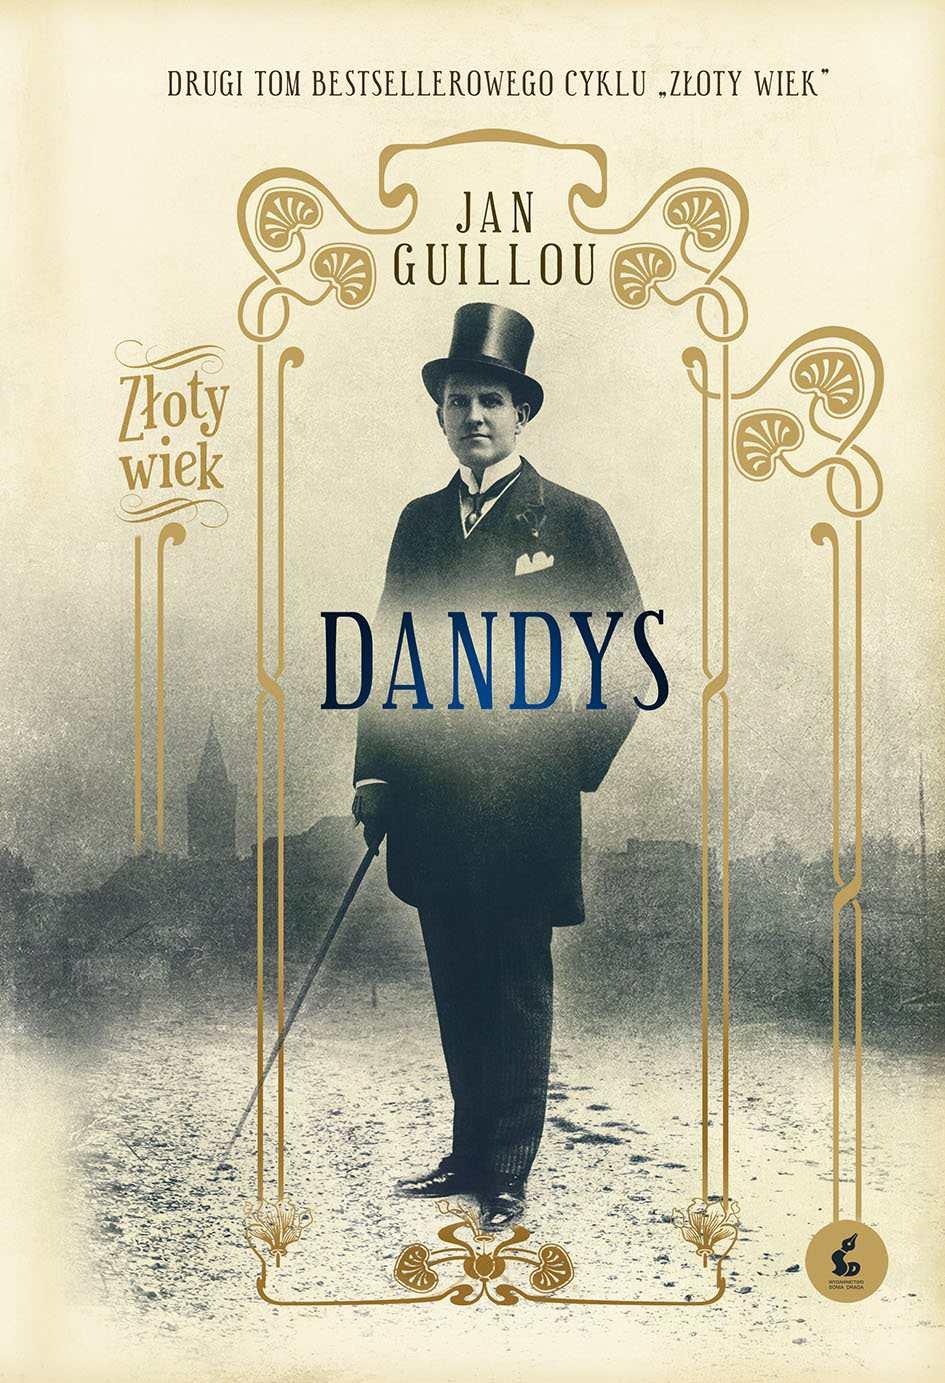 Dandys - Ebook (Książka EPUB) do pobrania w formacie EPUB